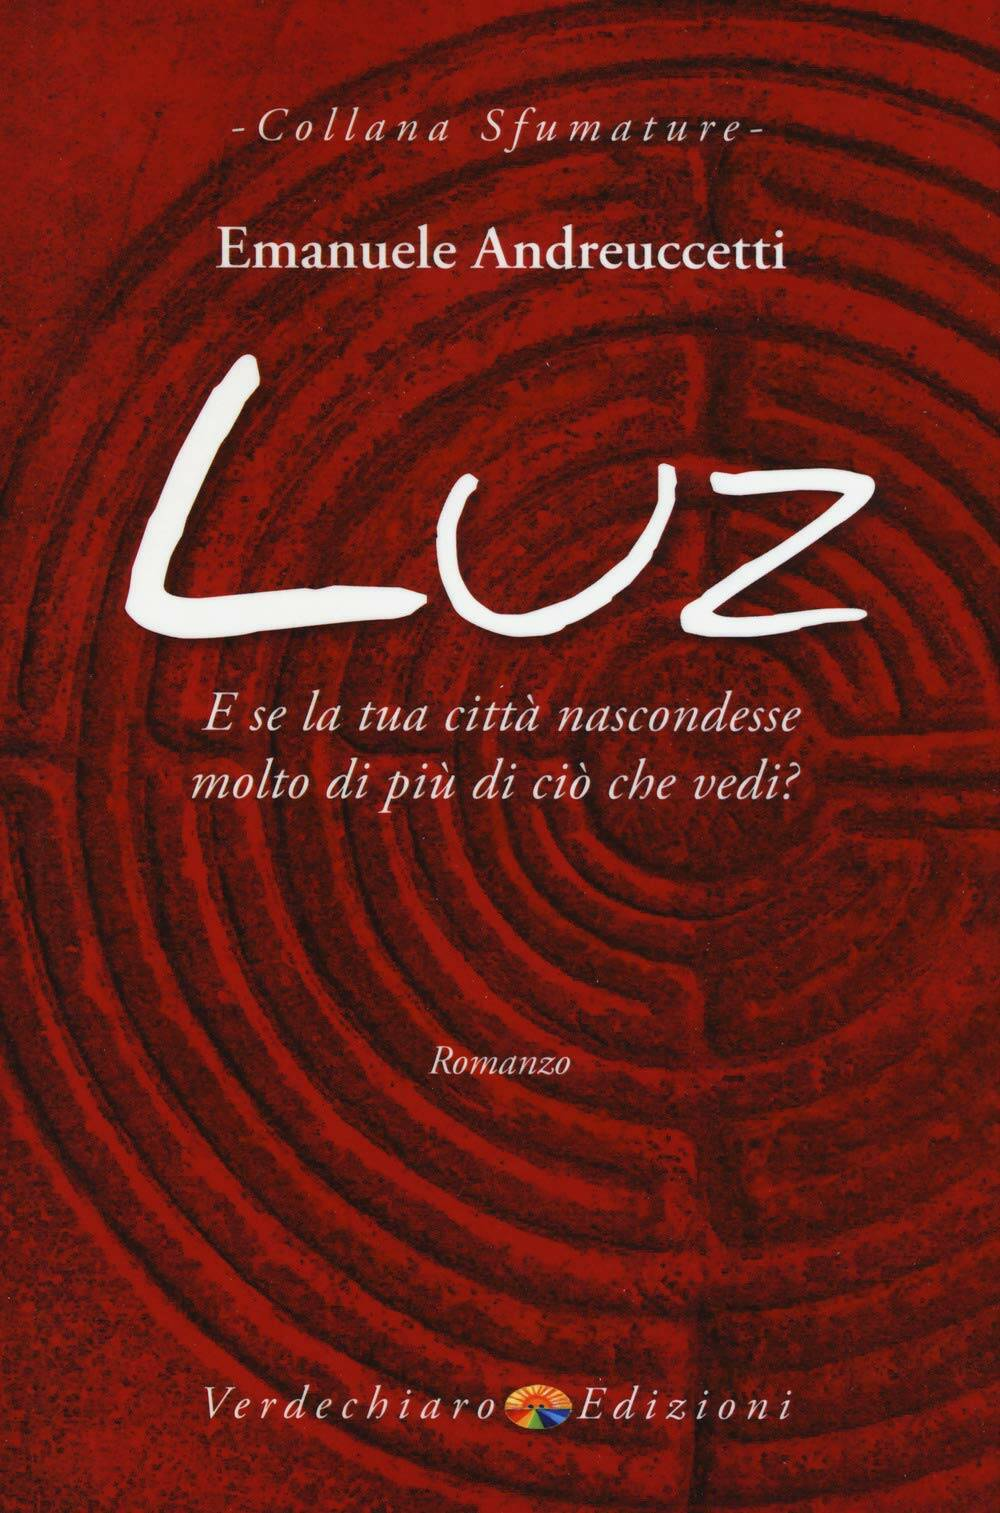 luz copertina libro andreuccetti